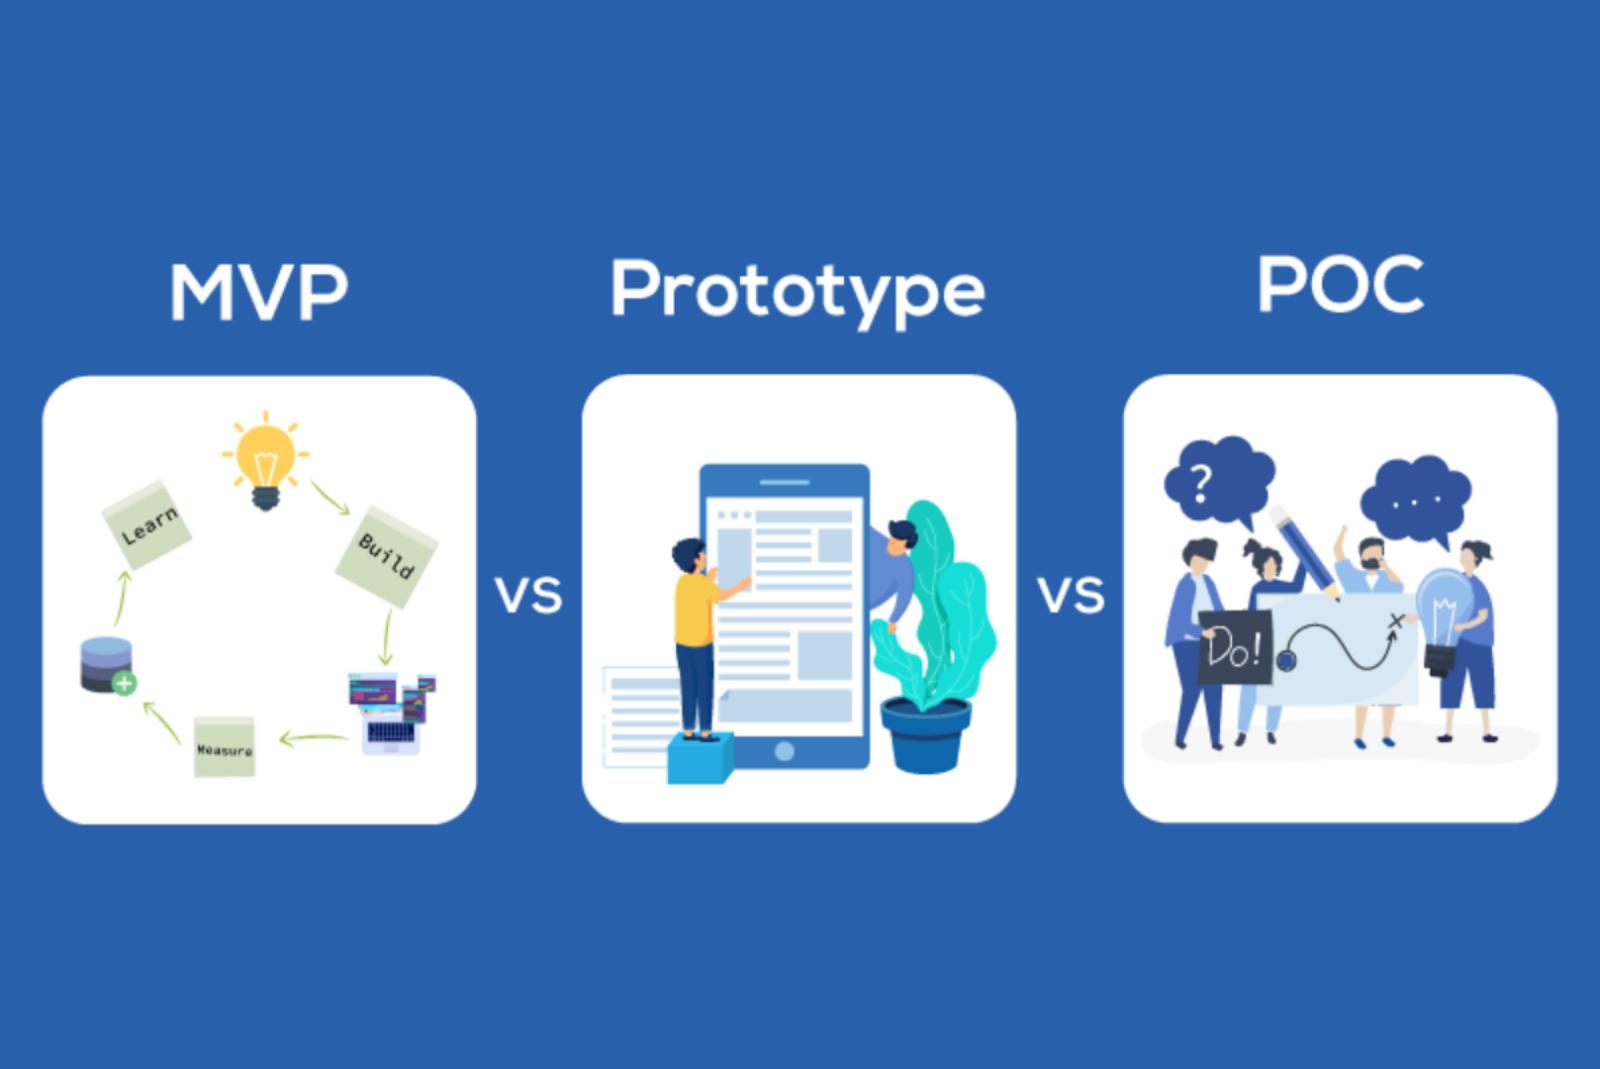 MVP vs Prototype vs POC